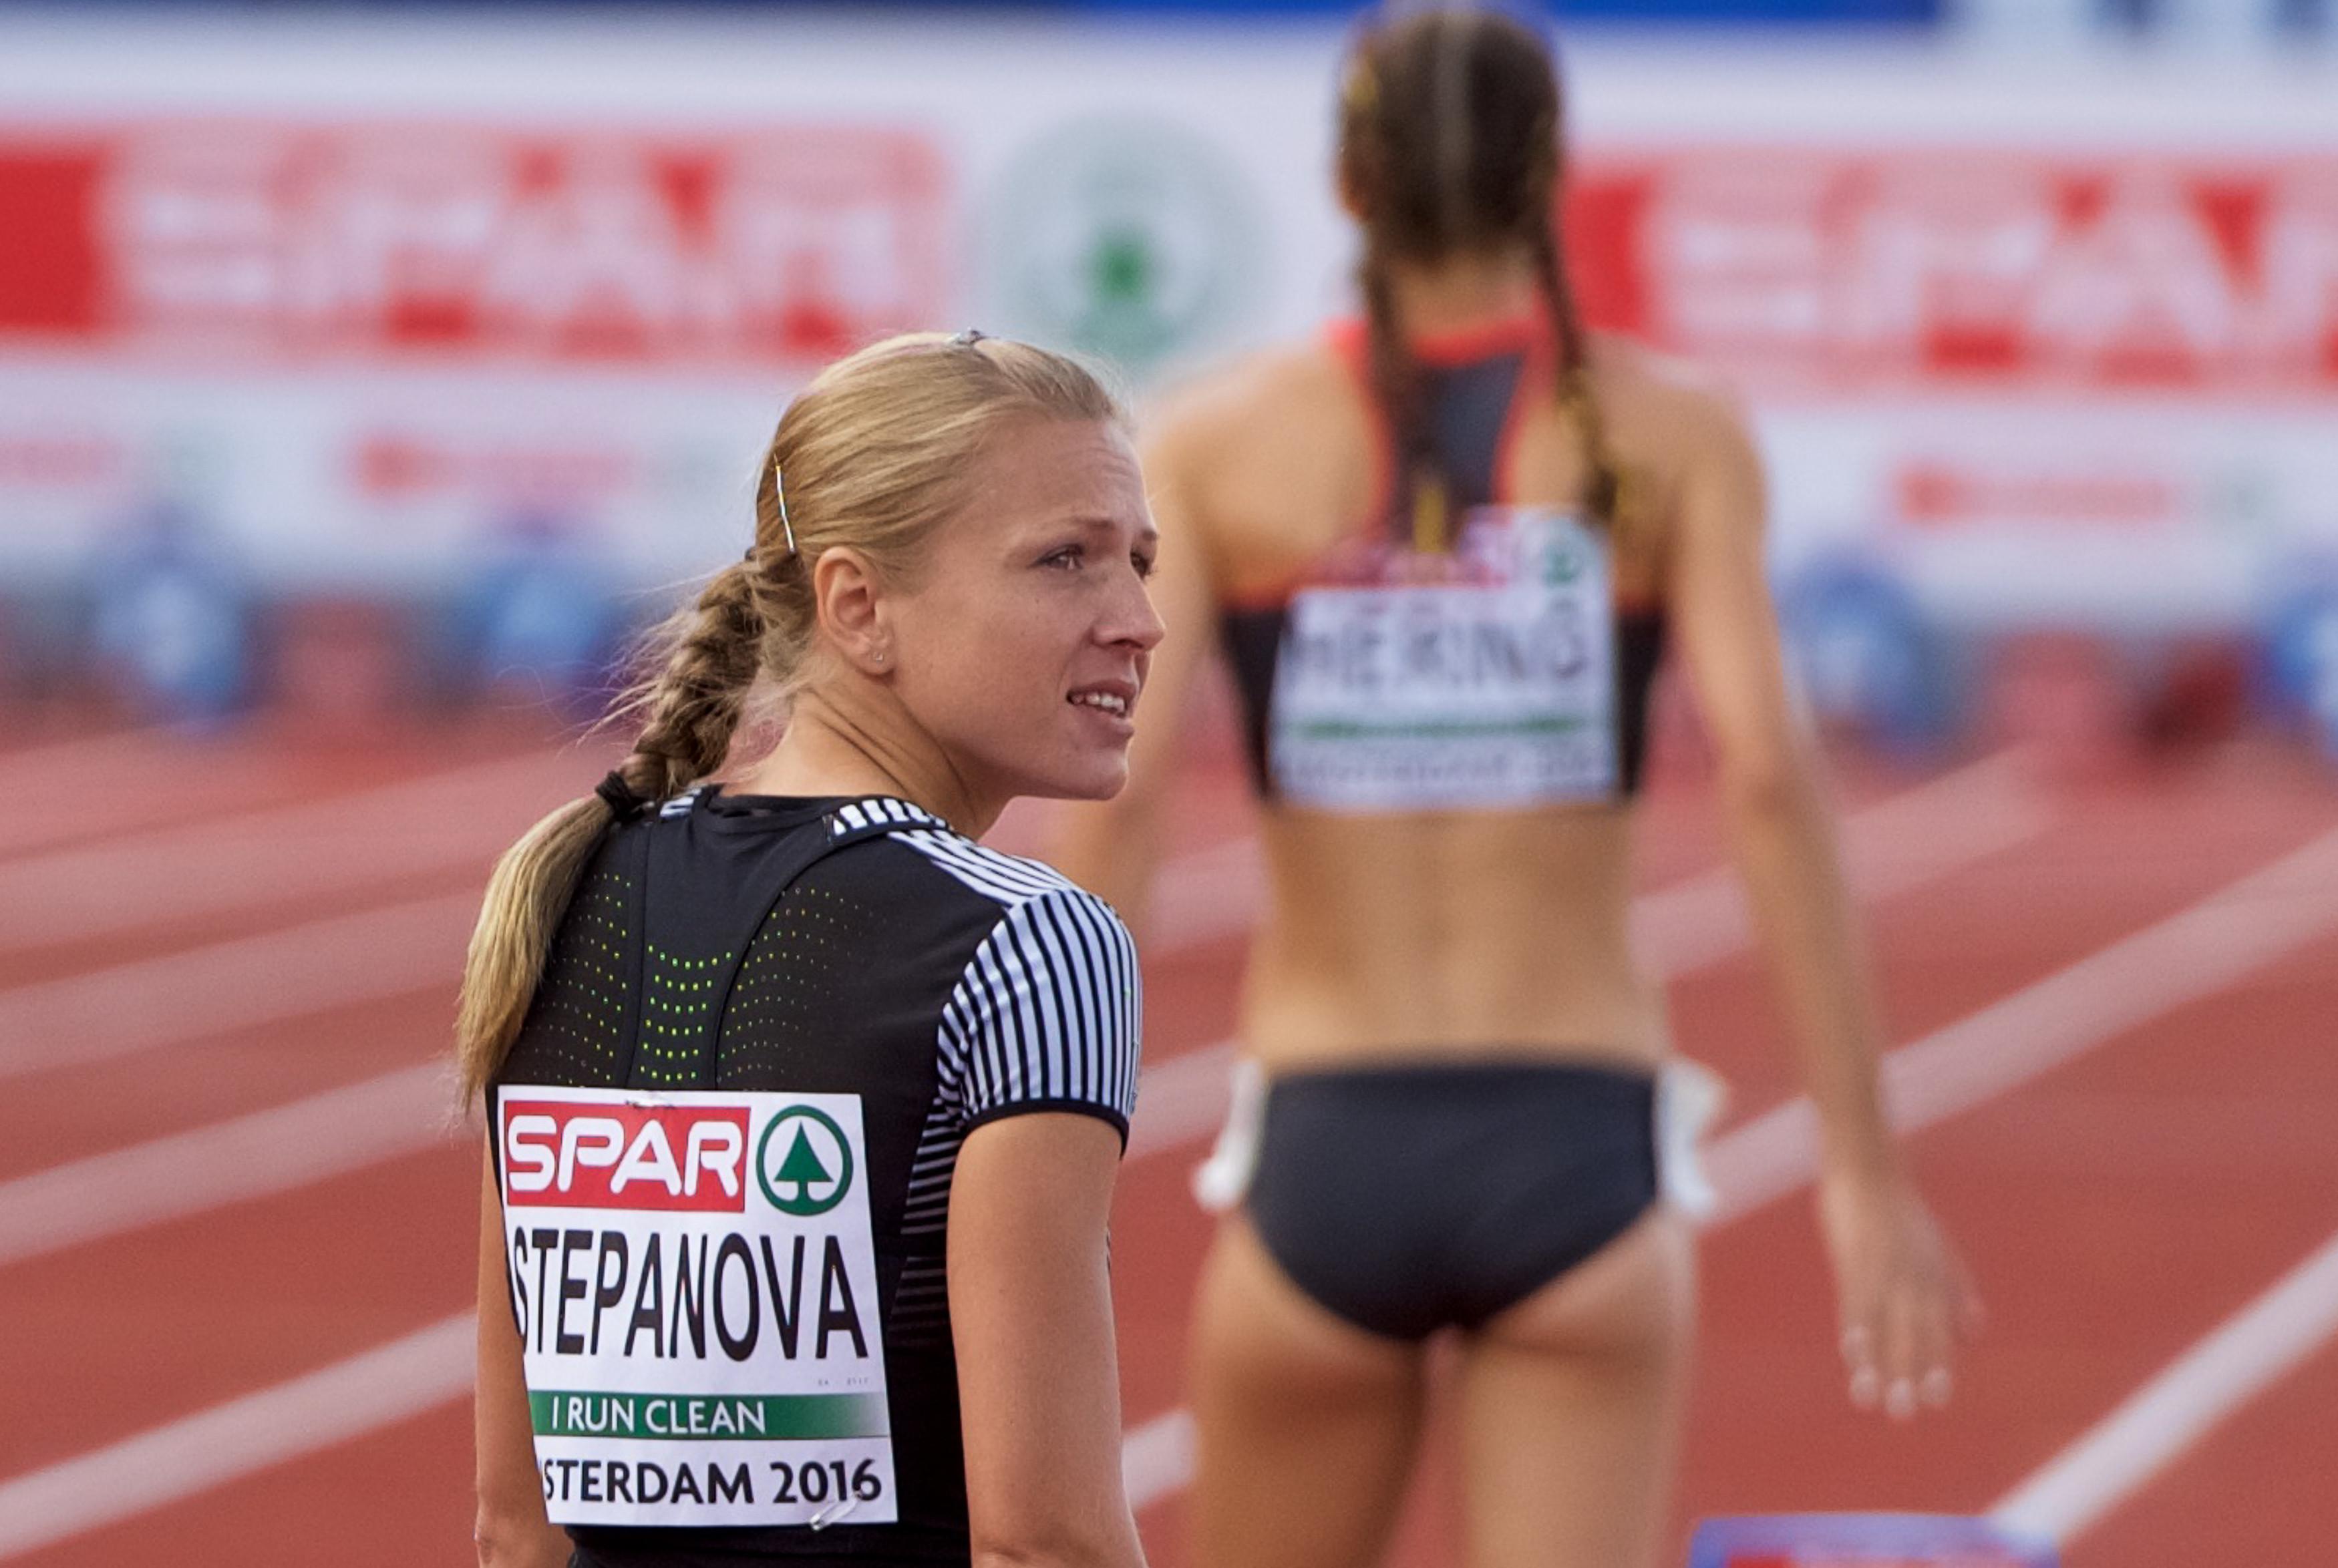 <p>Бегунья Юлия Степанова</p> <p>Фото: &copy; РИА Новости/<span>Елена Соболь&nbsp;</span></p>